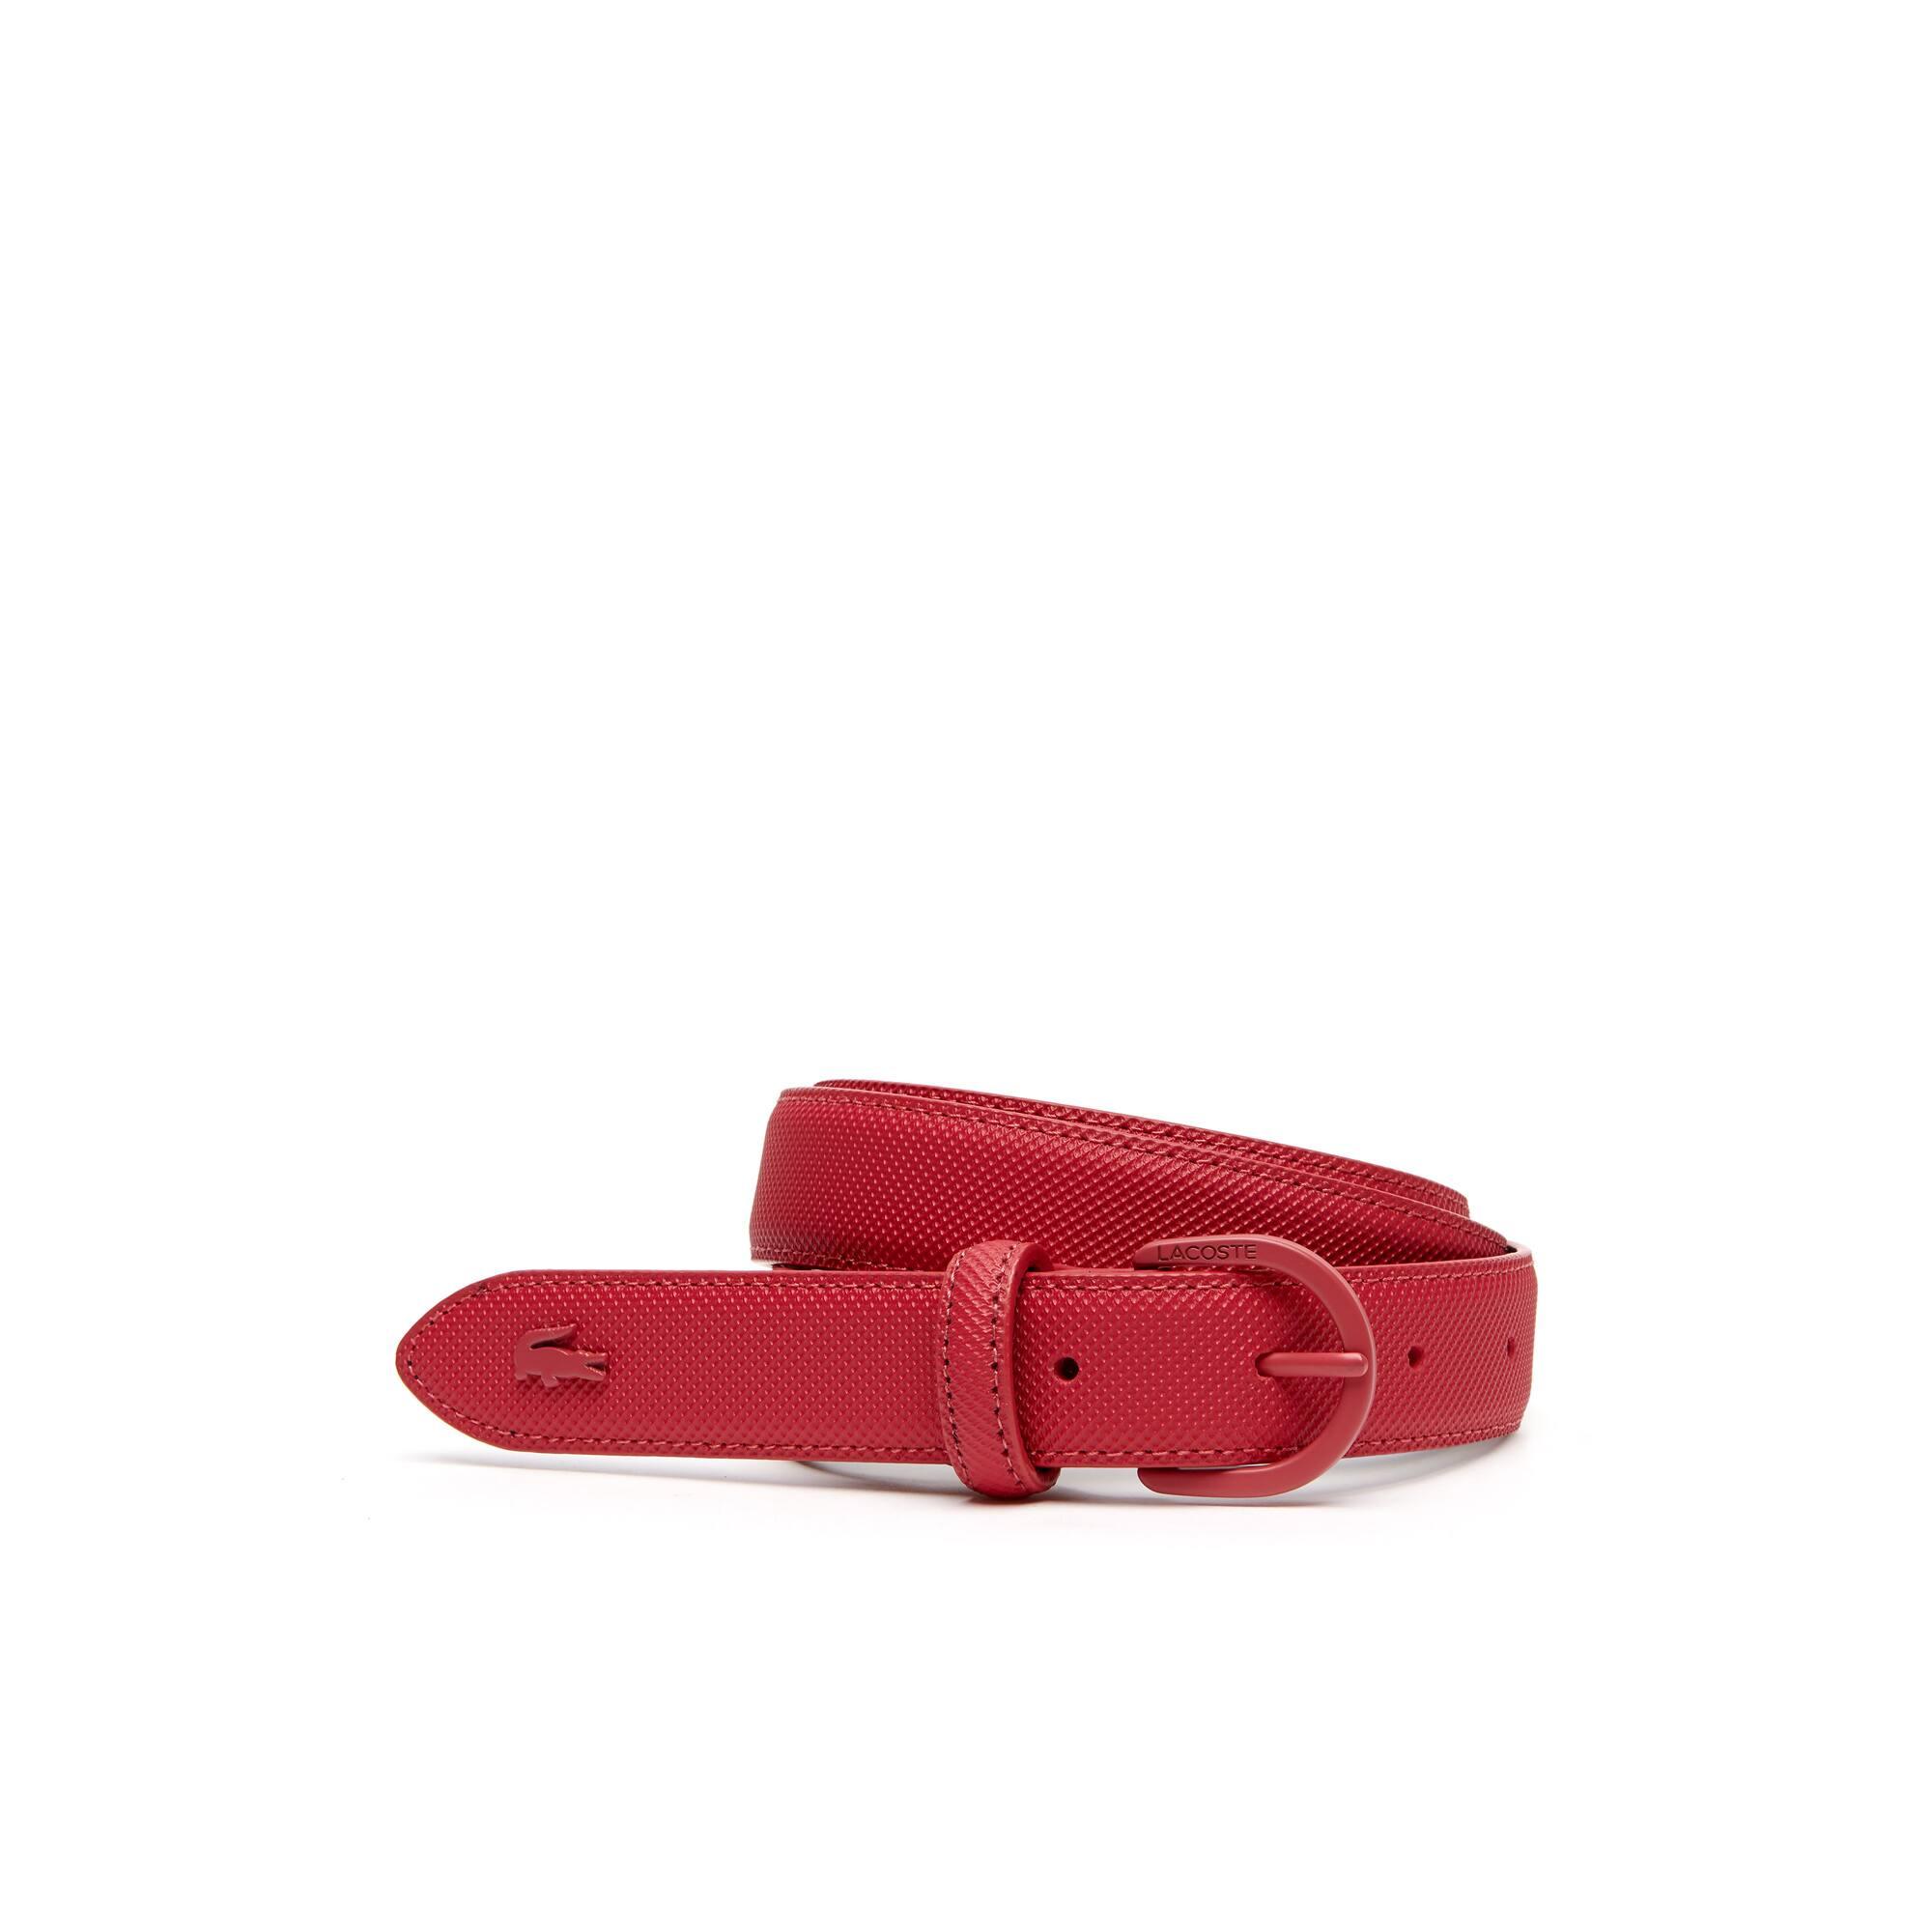 Einfarbiger Piqué-Damengürtel L.12.12 Concept mit Dornschließe